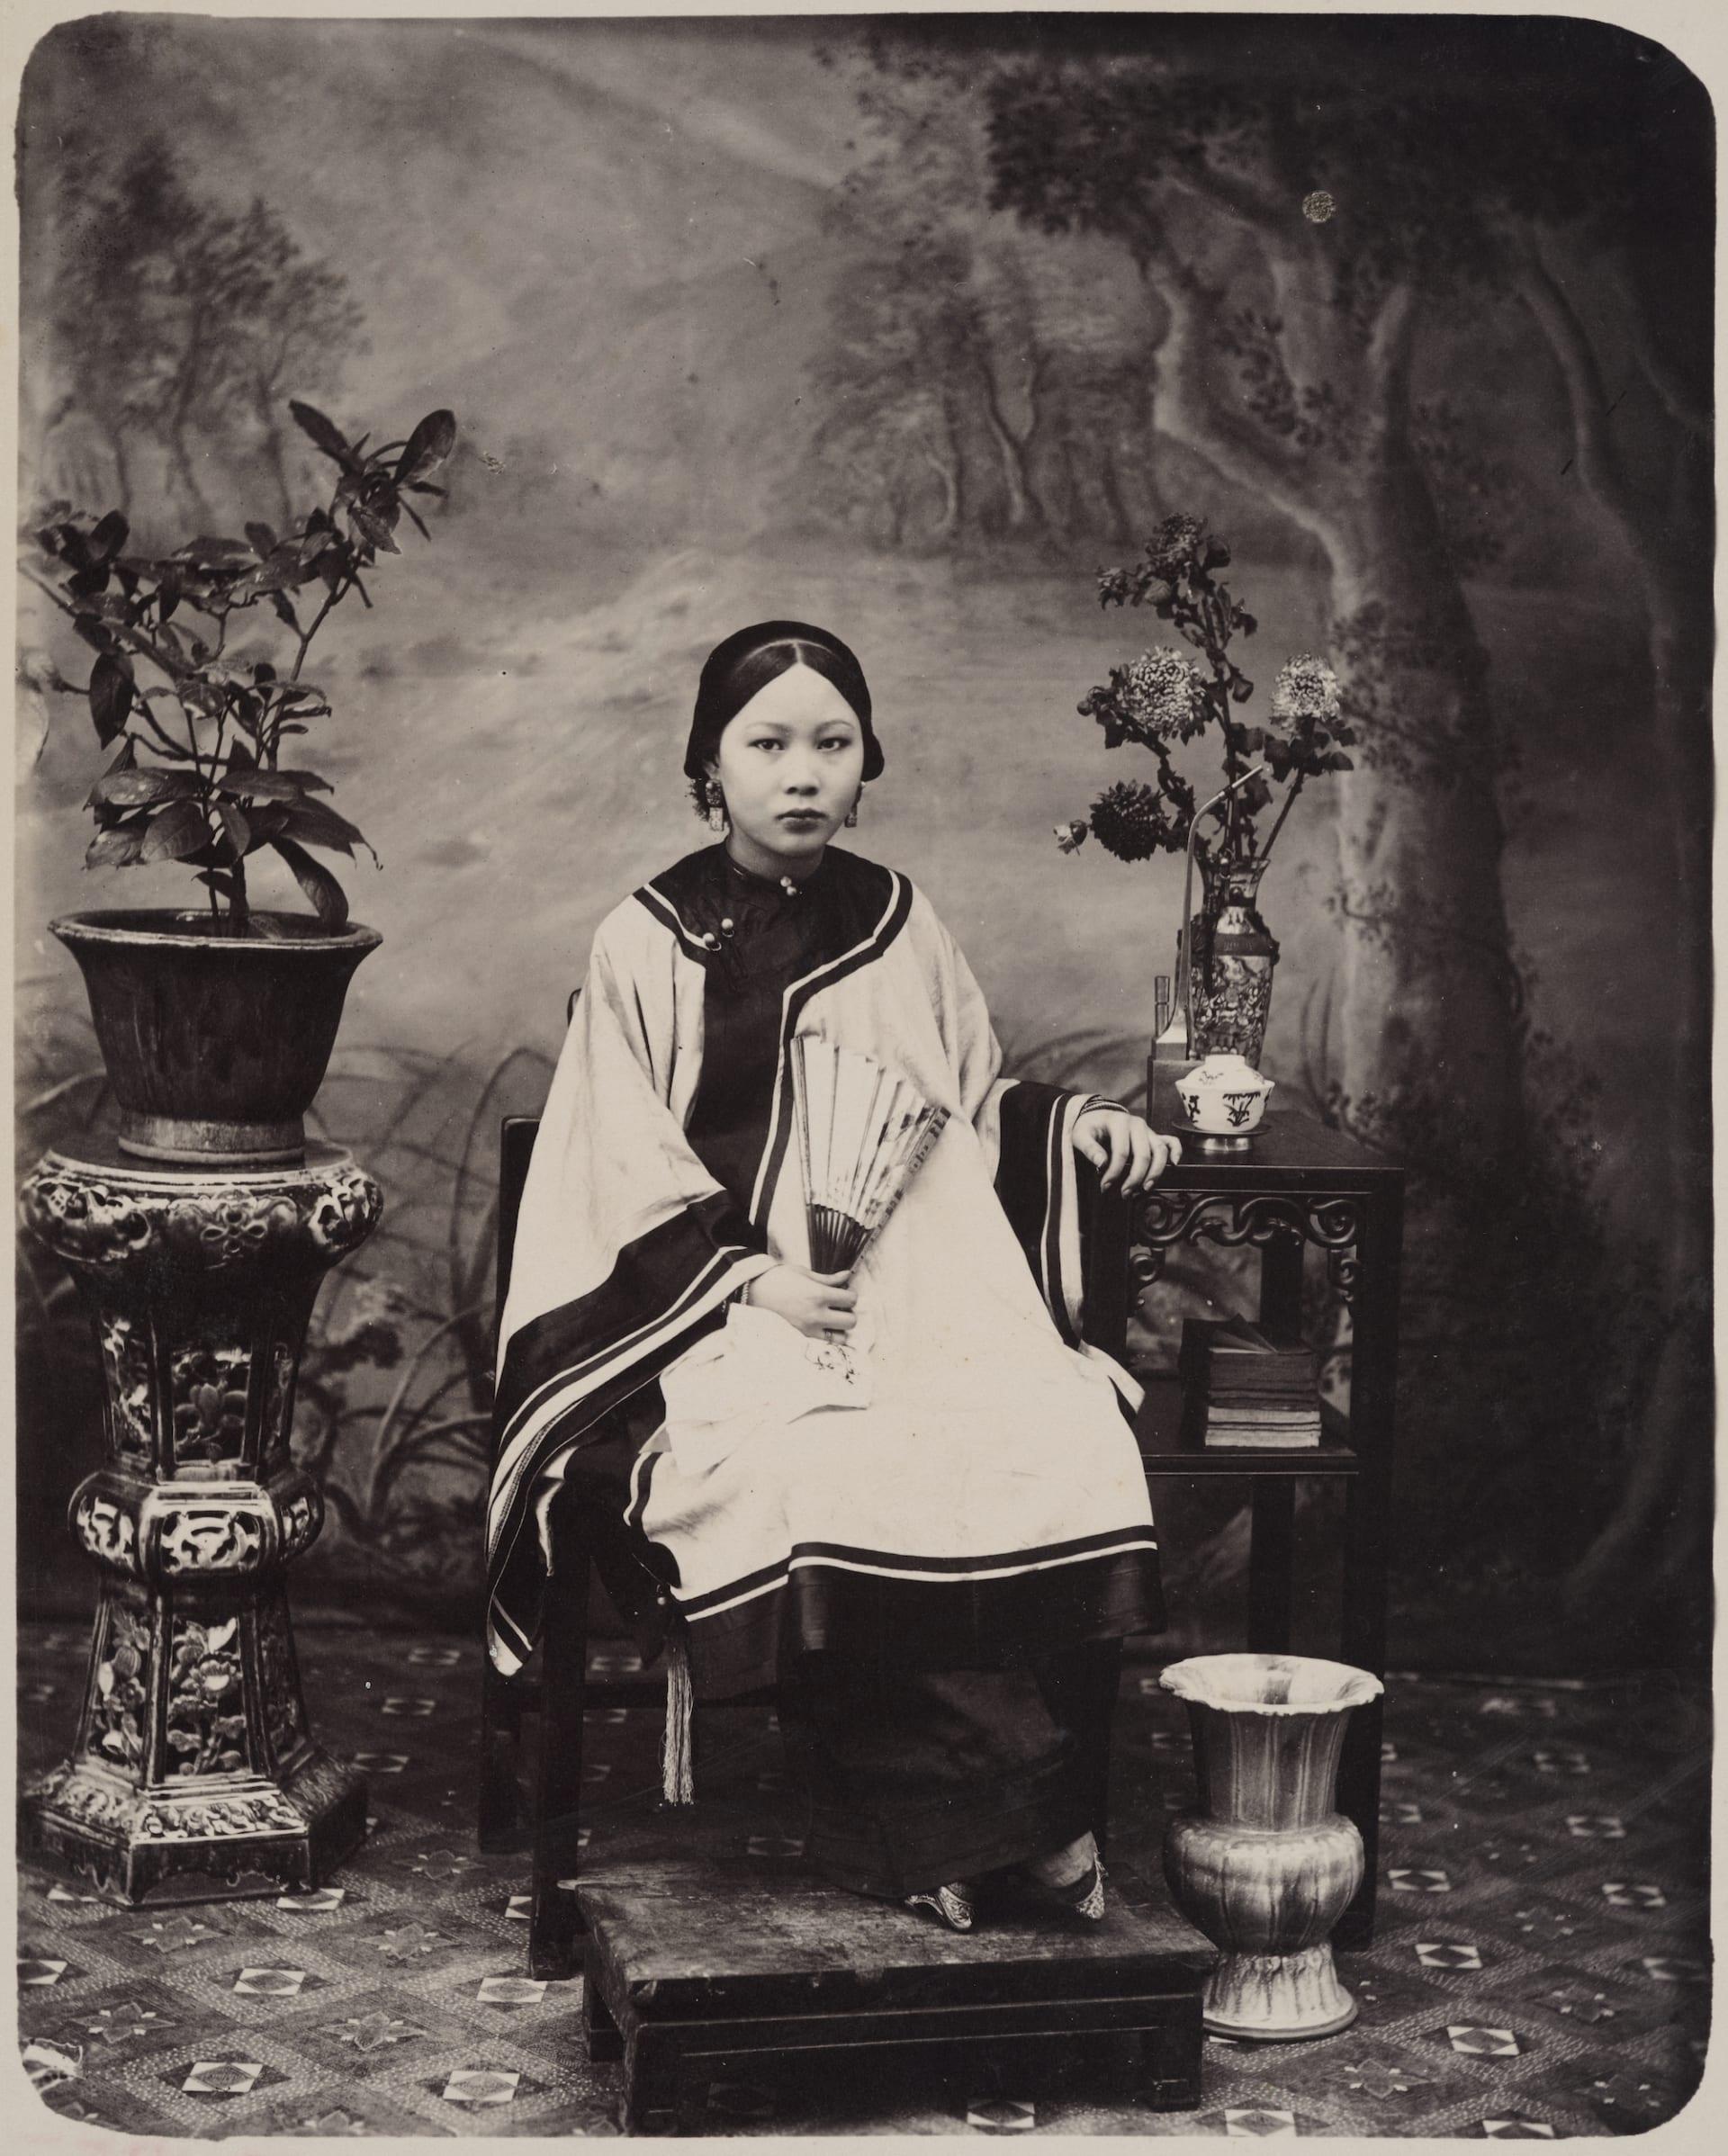 مشاهد نادرة من الشوارع والريف.. توثق هذه الصور من القرن الـ19 فجر التصوير الفوتوغرافي بالصين